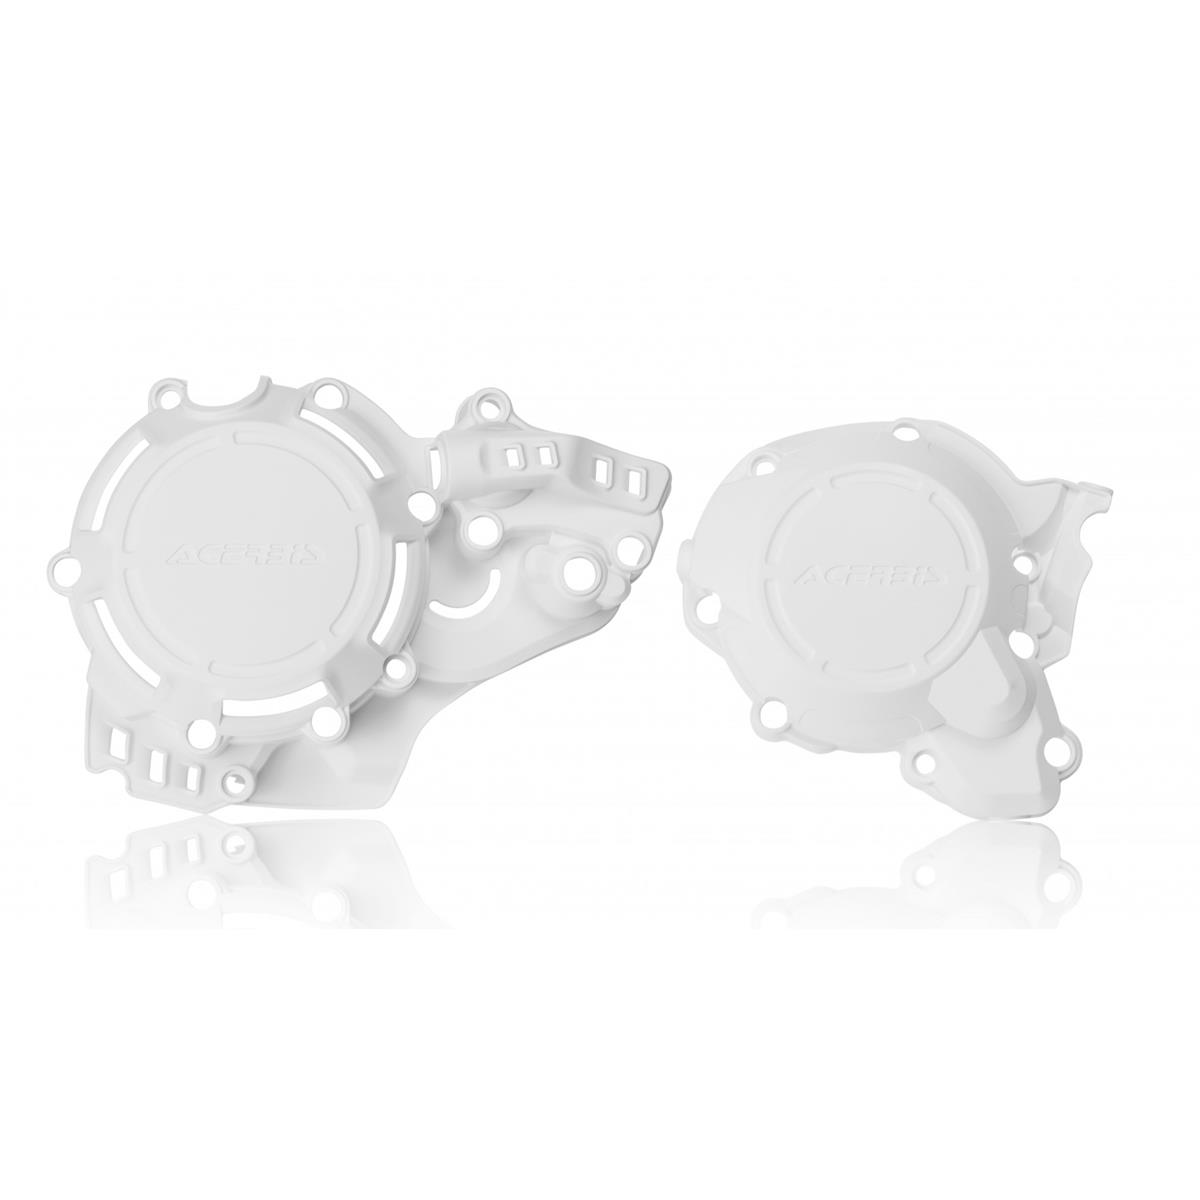 Acerbis Kupplungs/Zündungsdeckelschutz X-Power KTM EXC 250/300 17-19, SX 250 17-18, Husqvarna TE 250/300 18-19, TC 250 17-18, Weiß